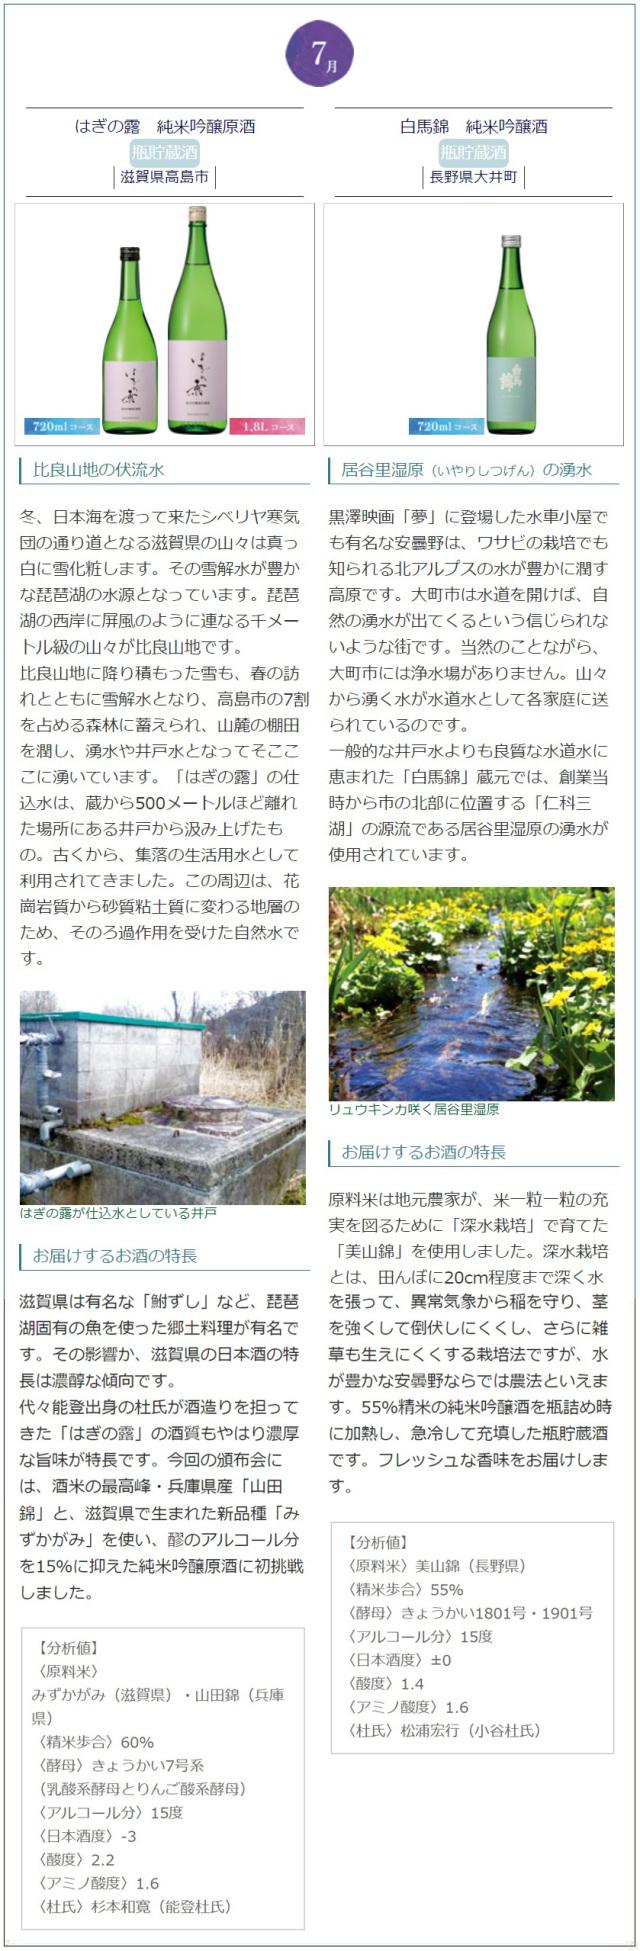 日本名門酒会頒布会2021年夏7月